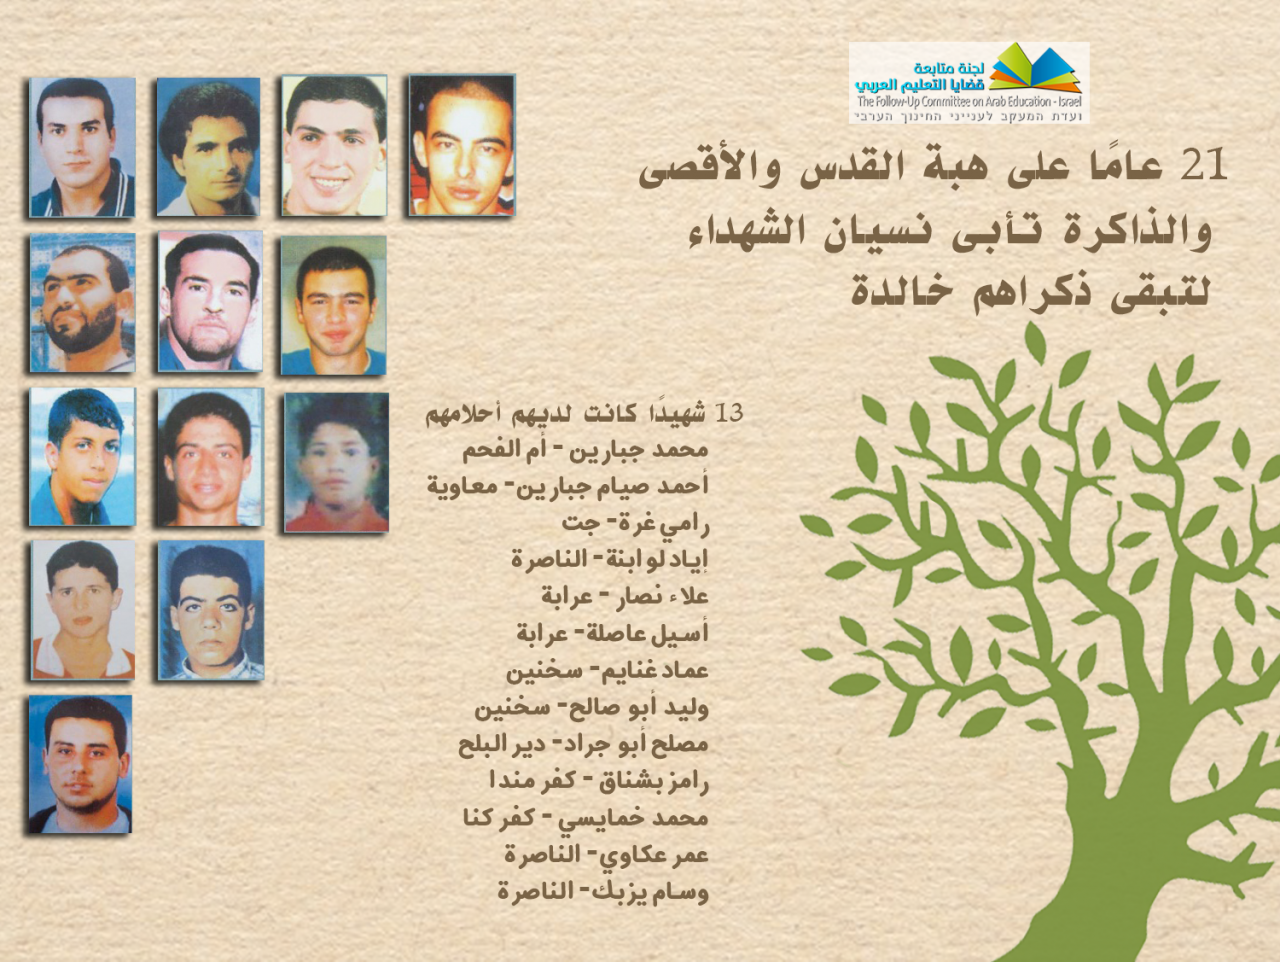 قضايا التعليم تدعو المدارس العربيّة لإحياء الذكرى الـ 21 ليوم القدس والأقصى والتصدي للعنف.